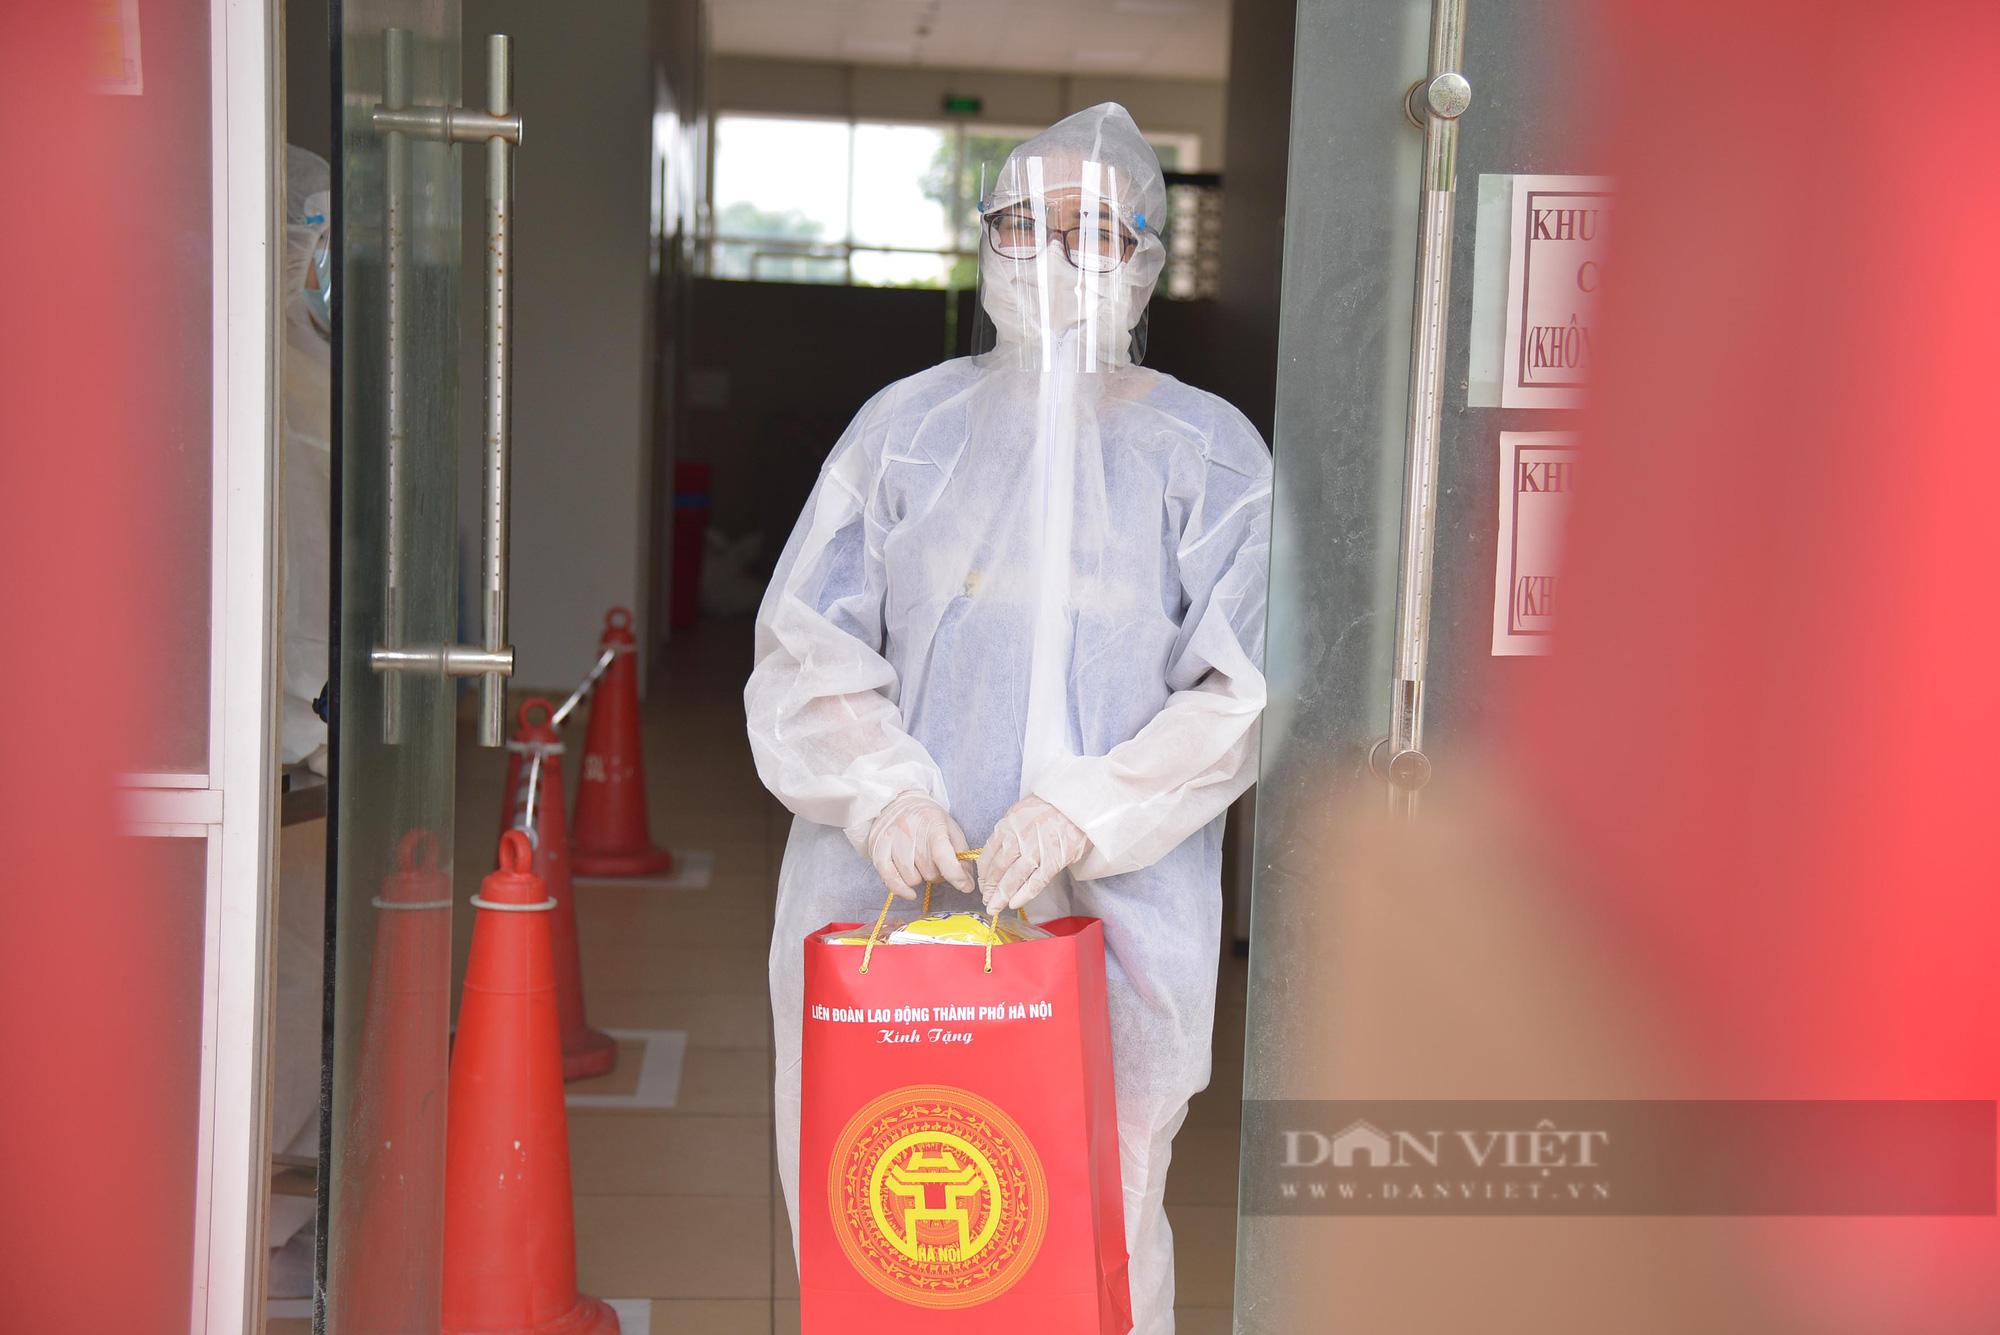 """Cận cảnh """"Xe buýt siêu thị 0 đồng"""" đầu tiên phục vụ CNLĐ khu công nghiệp Hà Nội - Ảnh 7."""